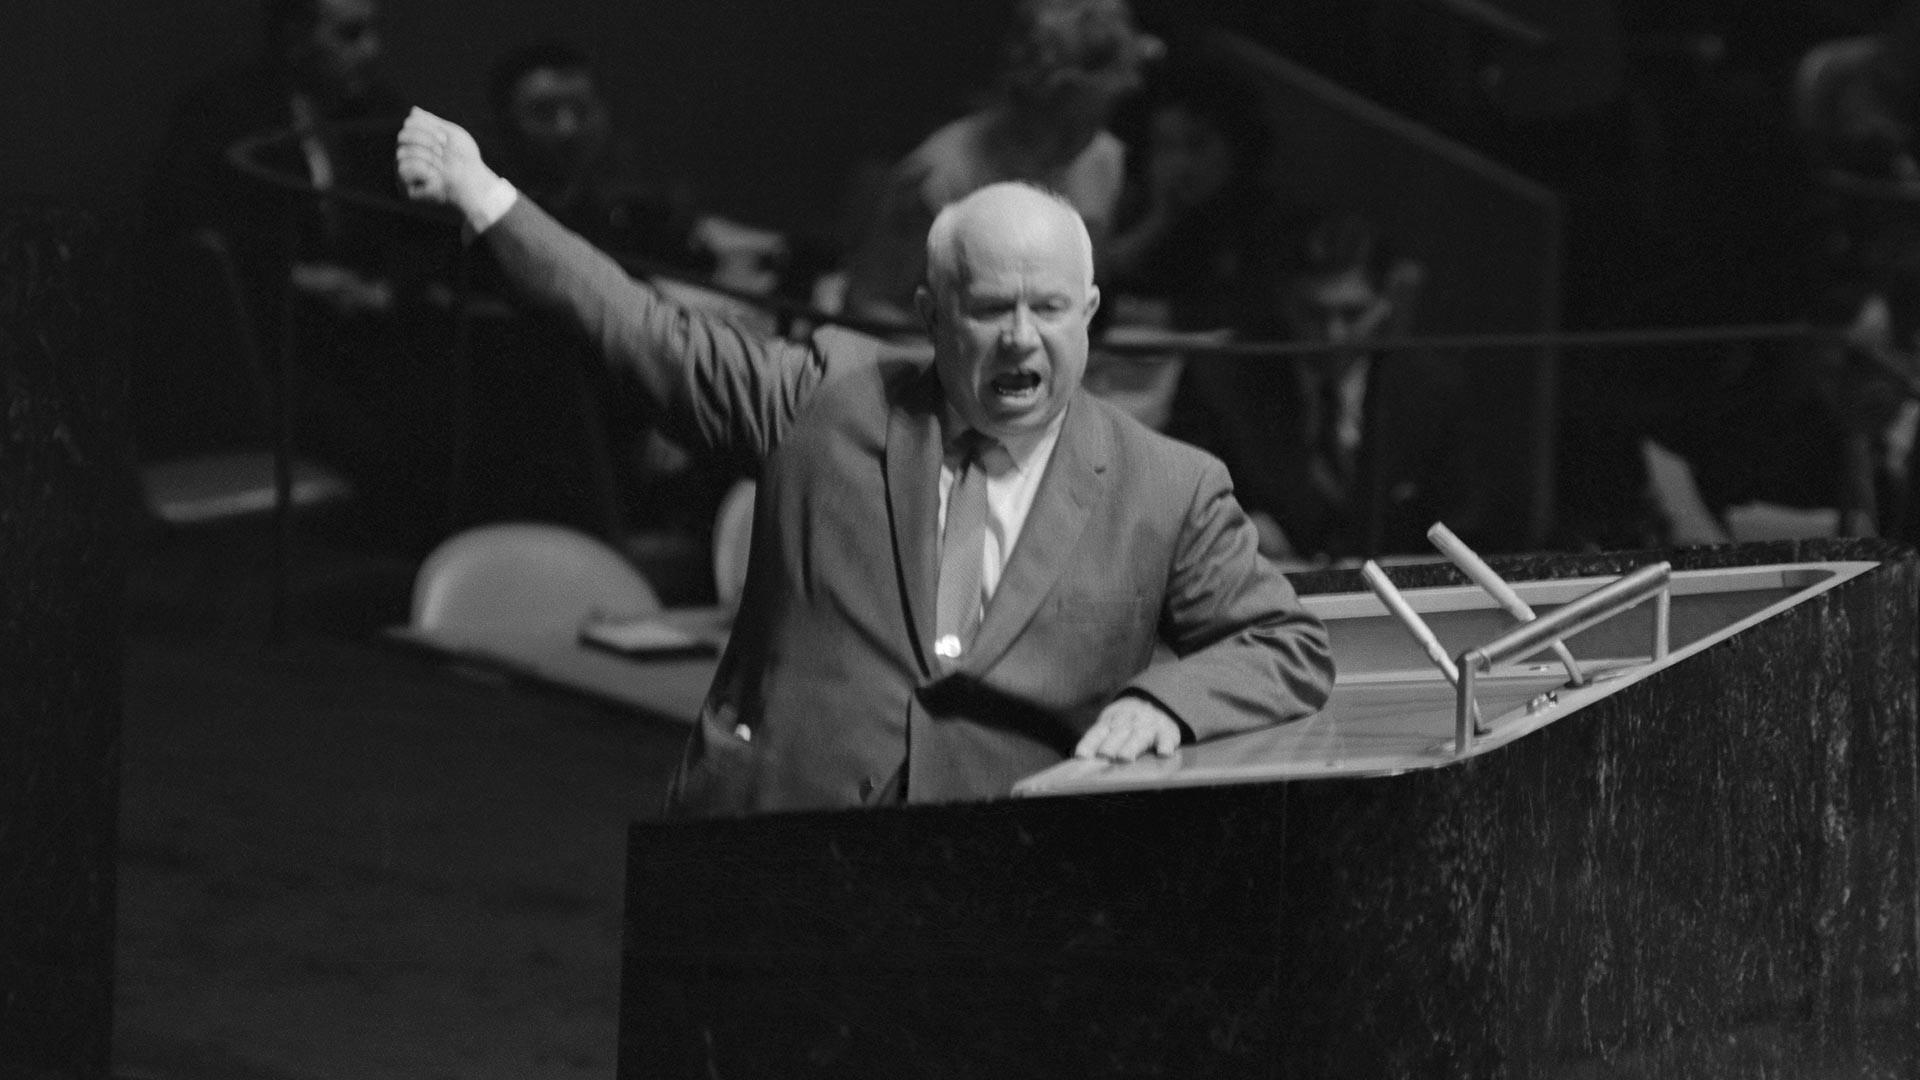 Sovjetski vođa Nikita Hruščov gestikulira i viče za govornicom Generalne skupštine UN-a, tražeći od predsjedavajućeg, Frederica Bolanda da oduzme riječ Lorenzu Sumulongu s Filipina koji je predlagao da SSSR izvrši dekolonizaciju Istočne Europe. Generalna skupština UN-a, 12. listopad 1960.